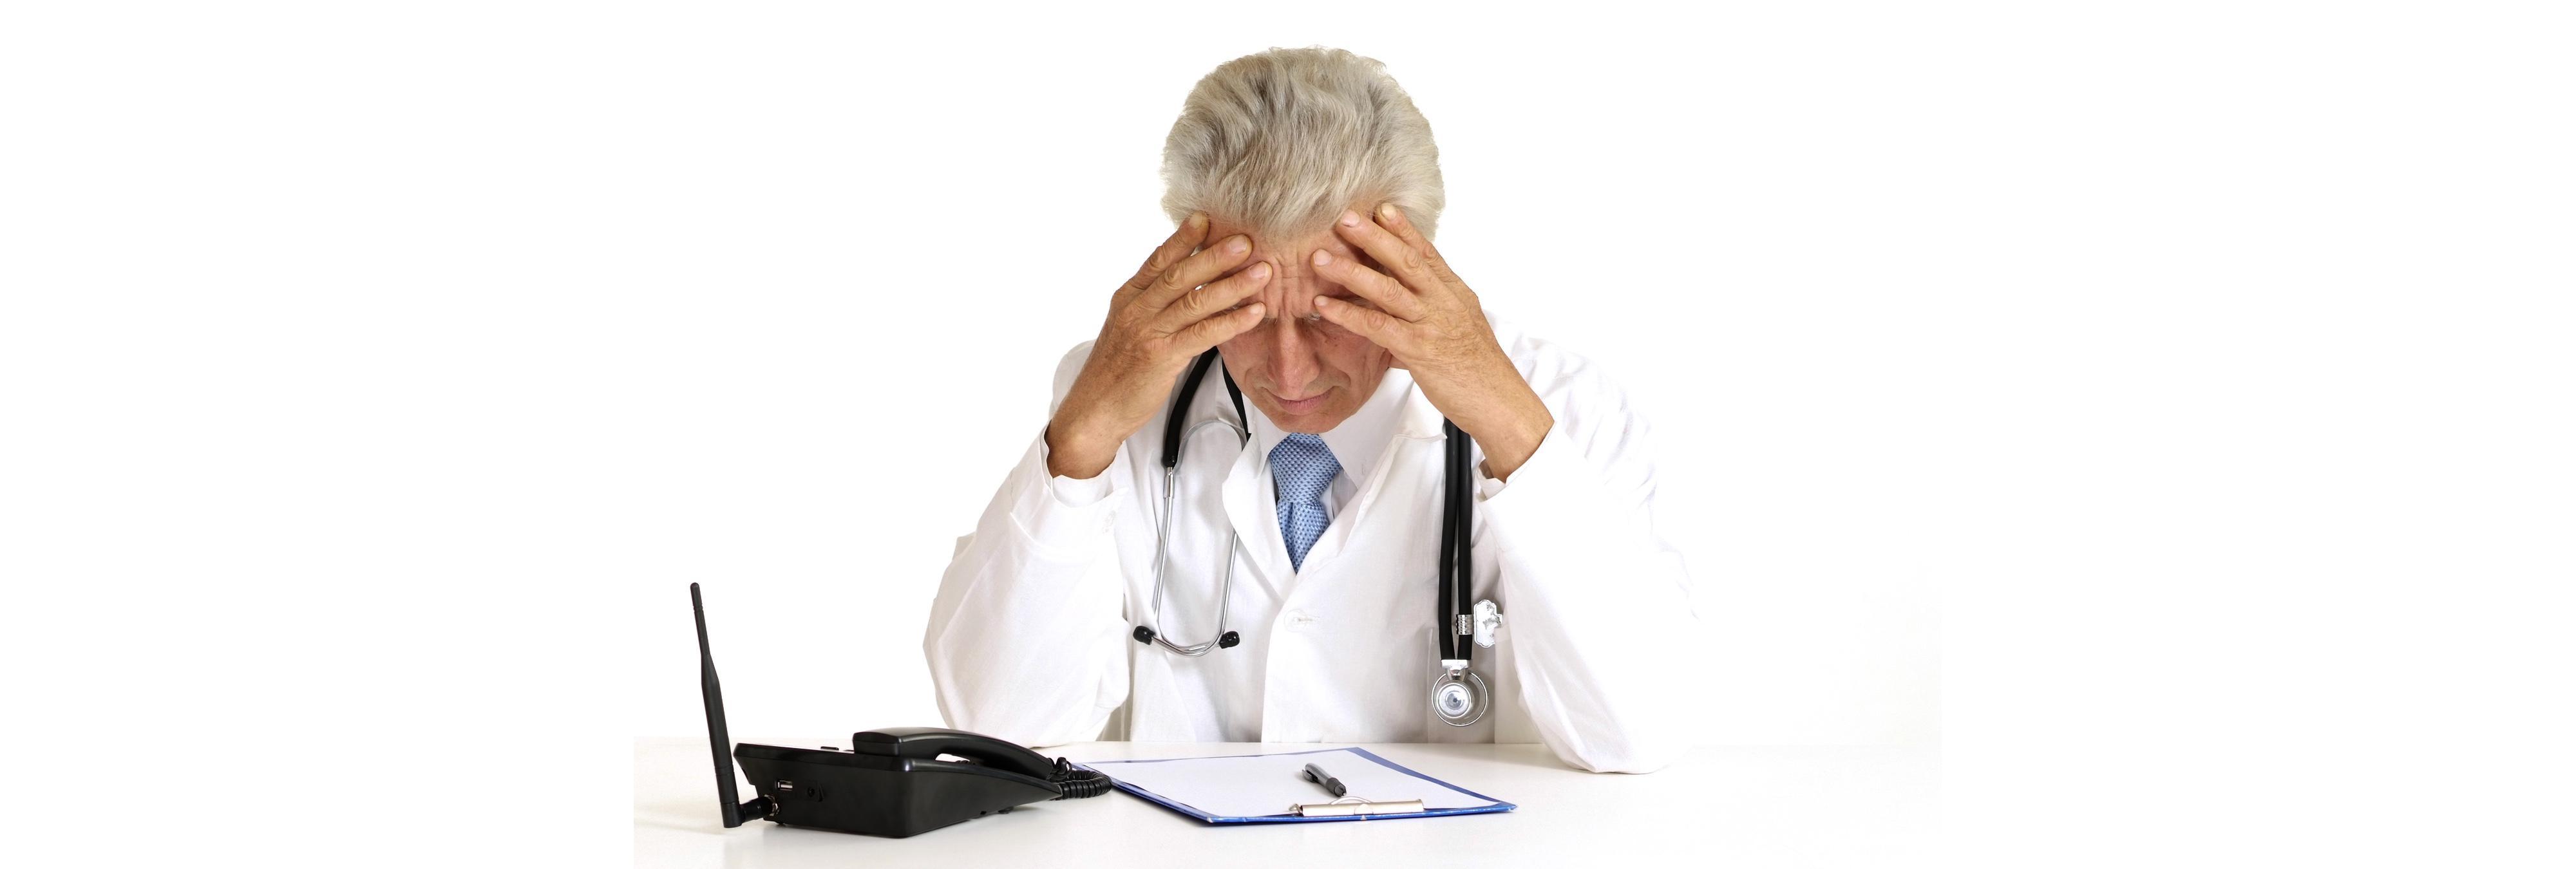 """Sancionan con dos años de suspensión al médico murciano que diagnosticó a una paciente que """"no está bien follada"""""""